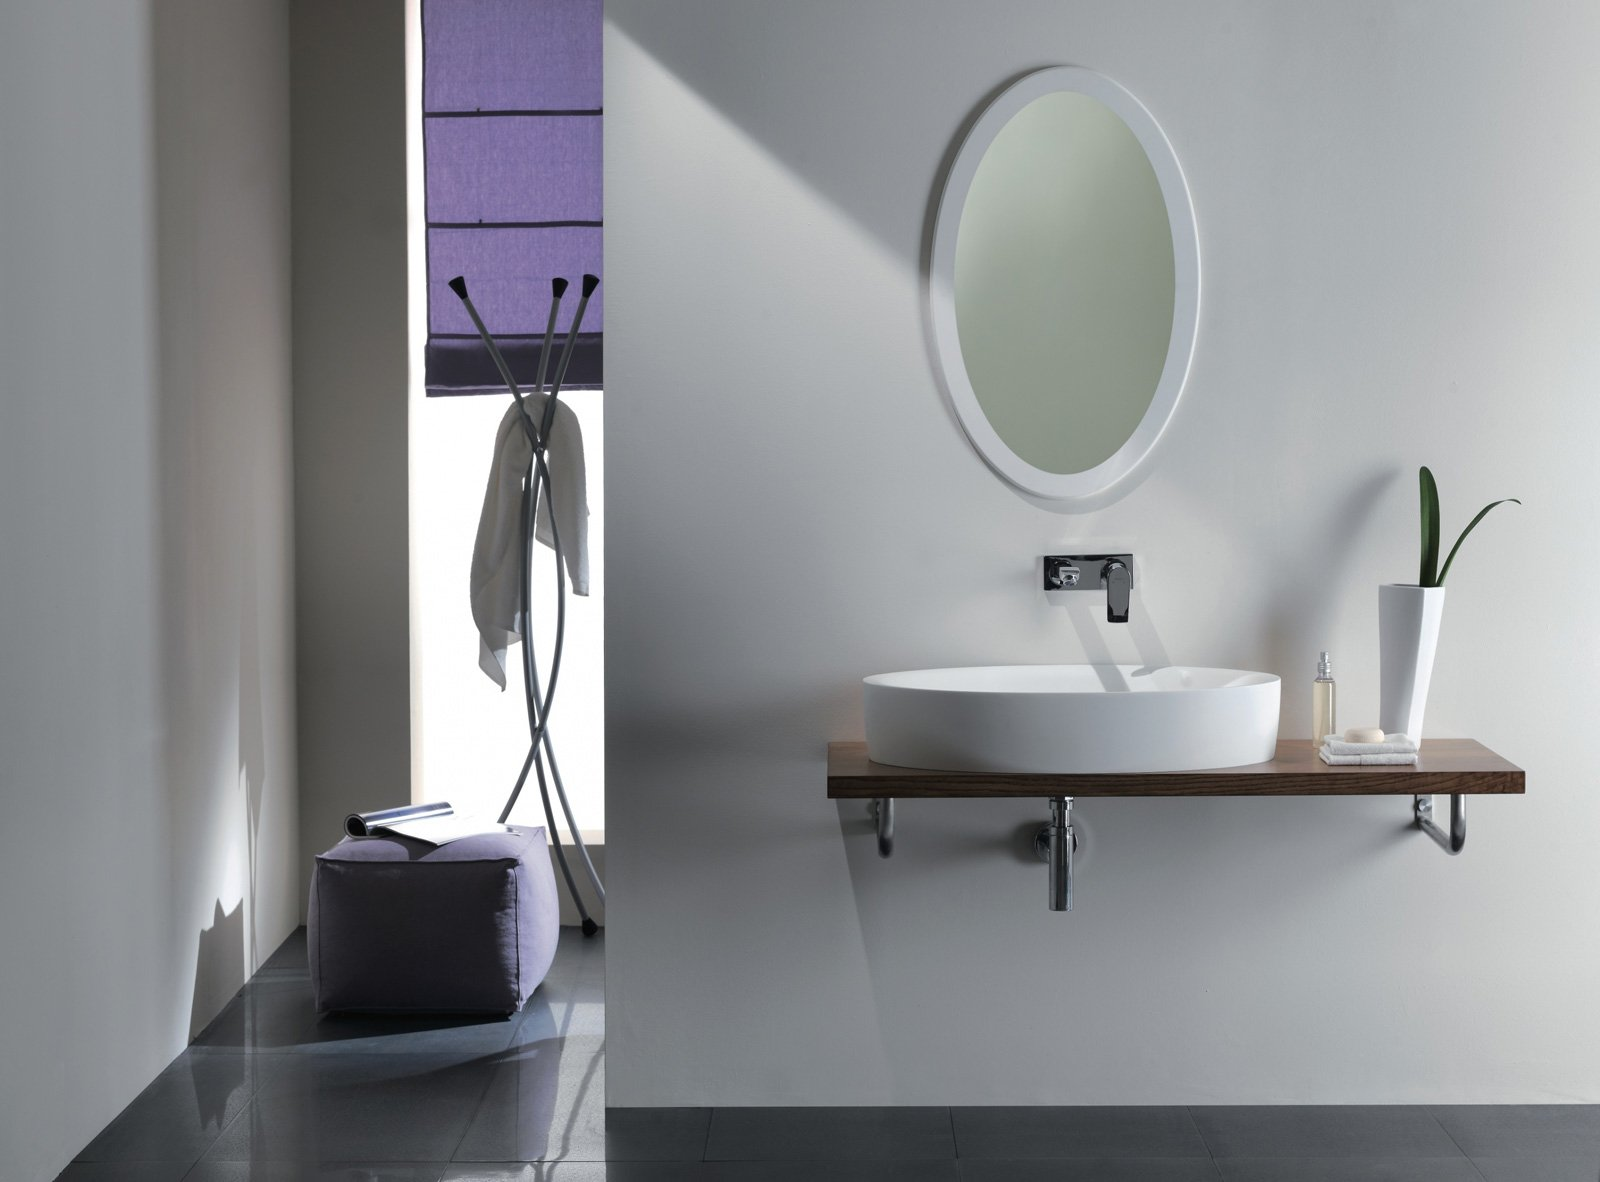 Specchi sopra il lavabo cose di casa - Specchi in casa ...